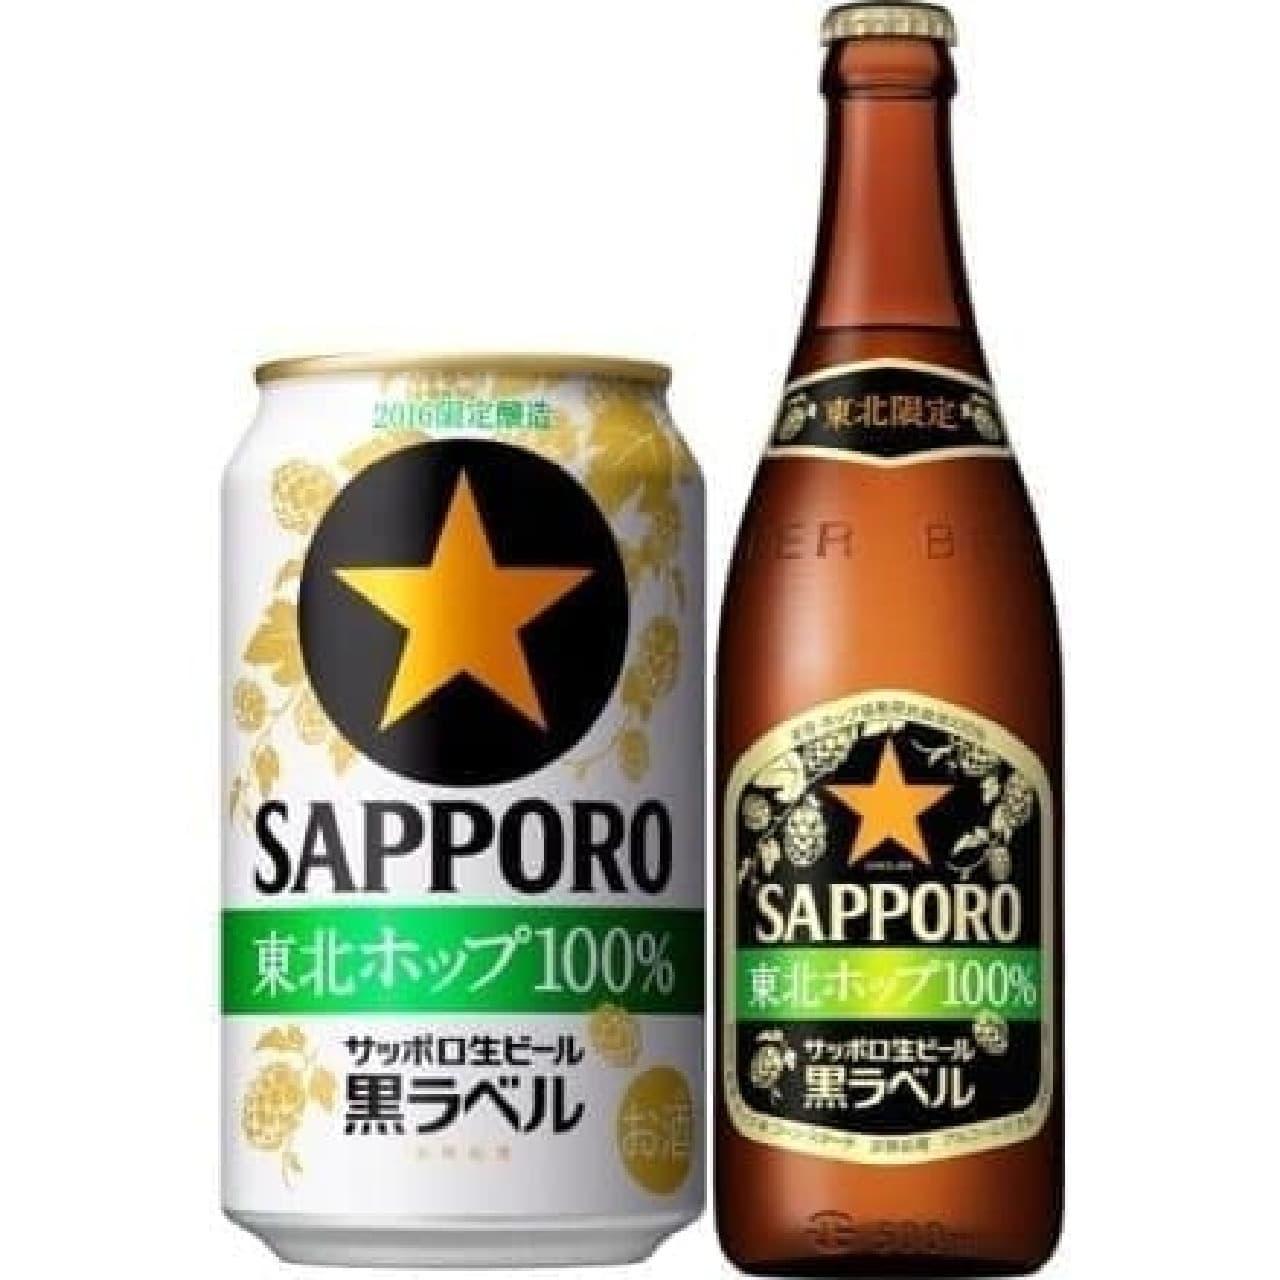 サッポロビール「サッポロ生ビール黒ラベル東北ホップ100%」